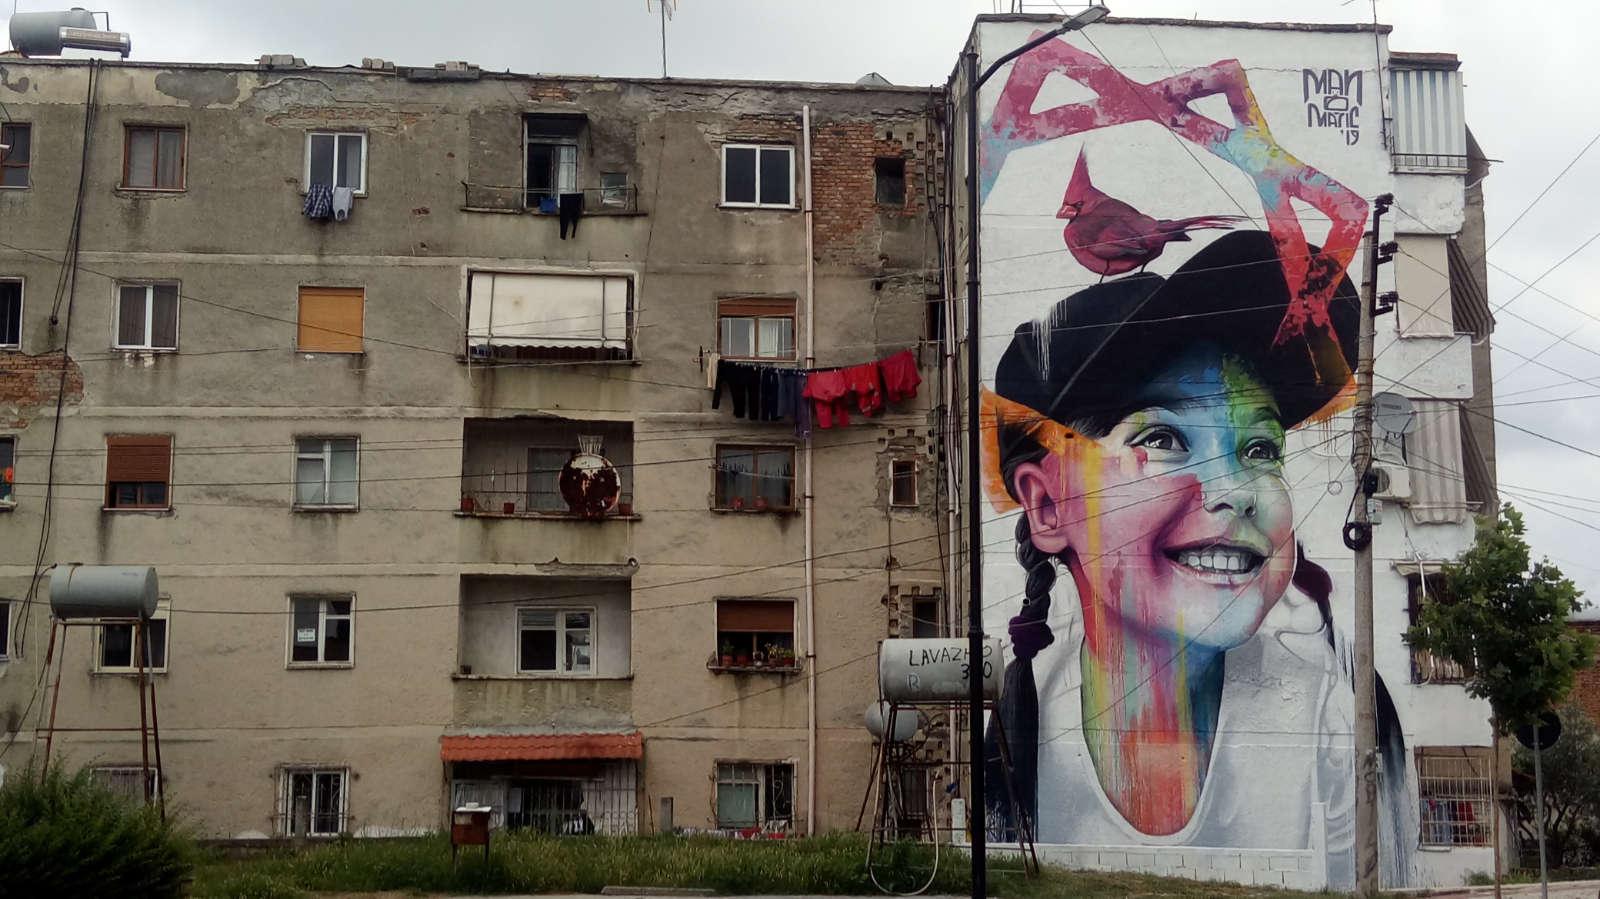 Obra social de arte urbano